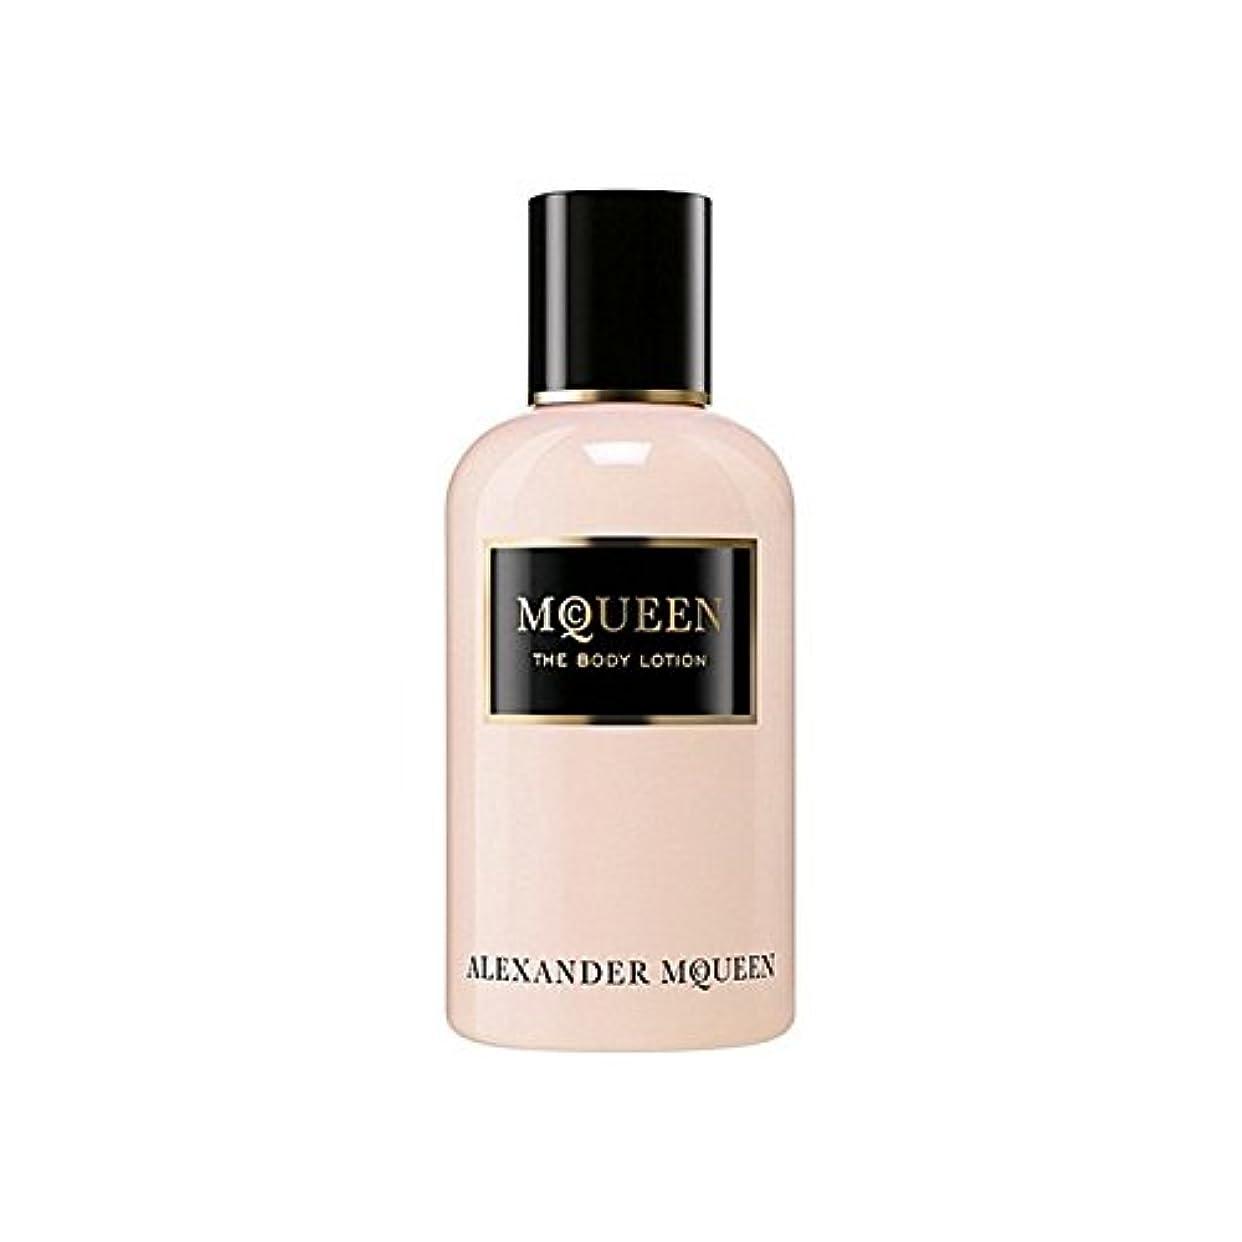 ミュージカル保証金ホステスAlexander Mcqueen Amq Mcqueen Eau De Parfum Body Lotion 250ml - アレキサンダーマックイーンマックイーンオードパルファムボディローション250ミリリットル [...